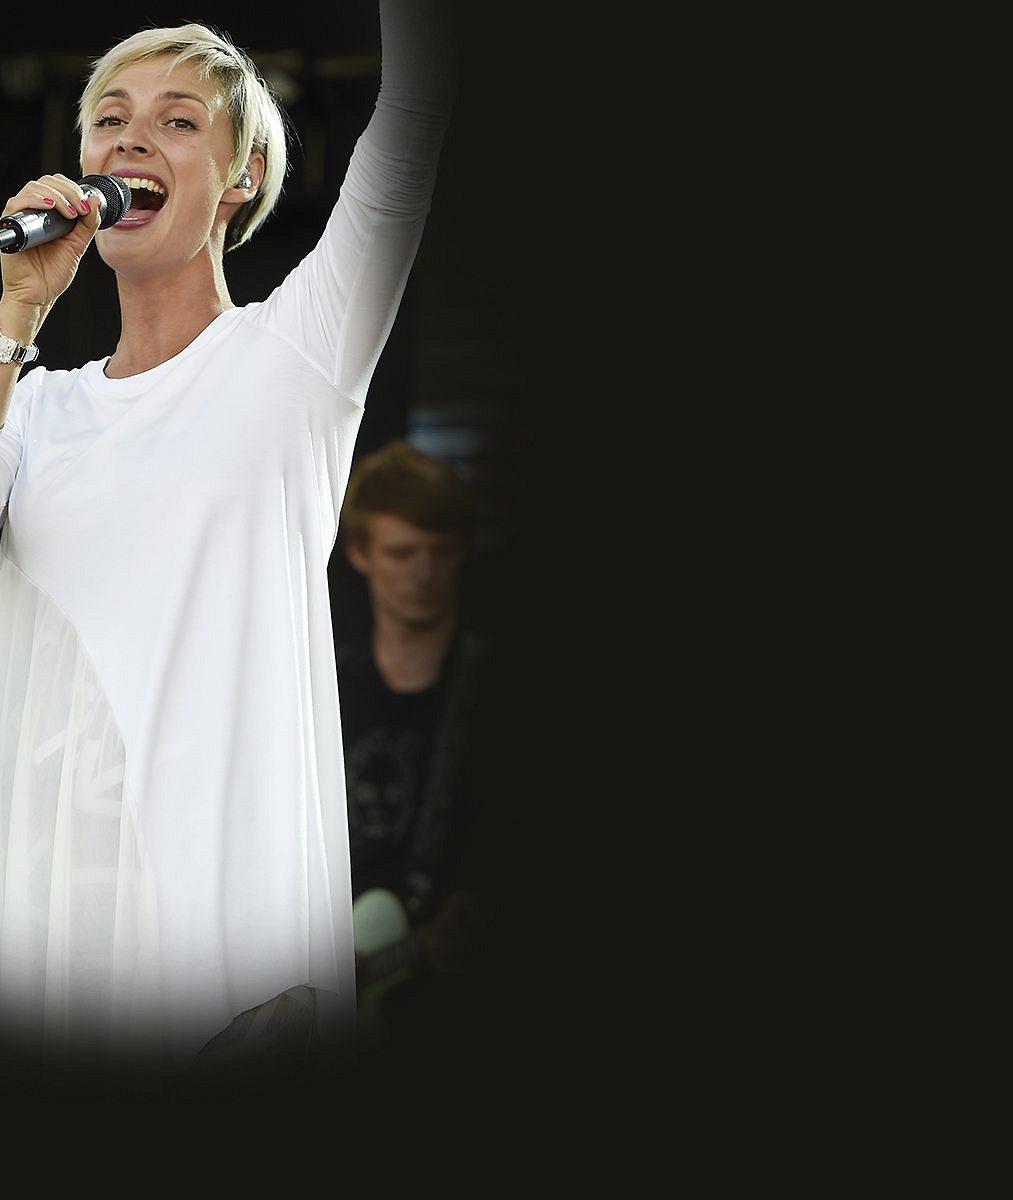 Bára Poláková sice nemůže zpívat, ale nechce být negativní: Přijímám změny, jak přicházejí, apodle toho se orientuji